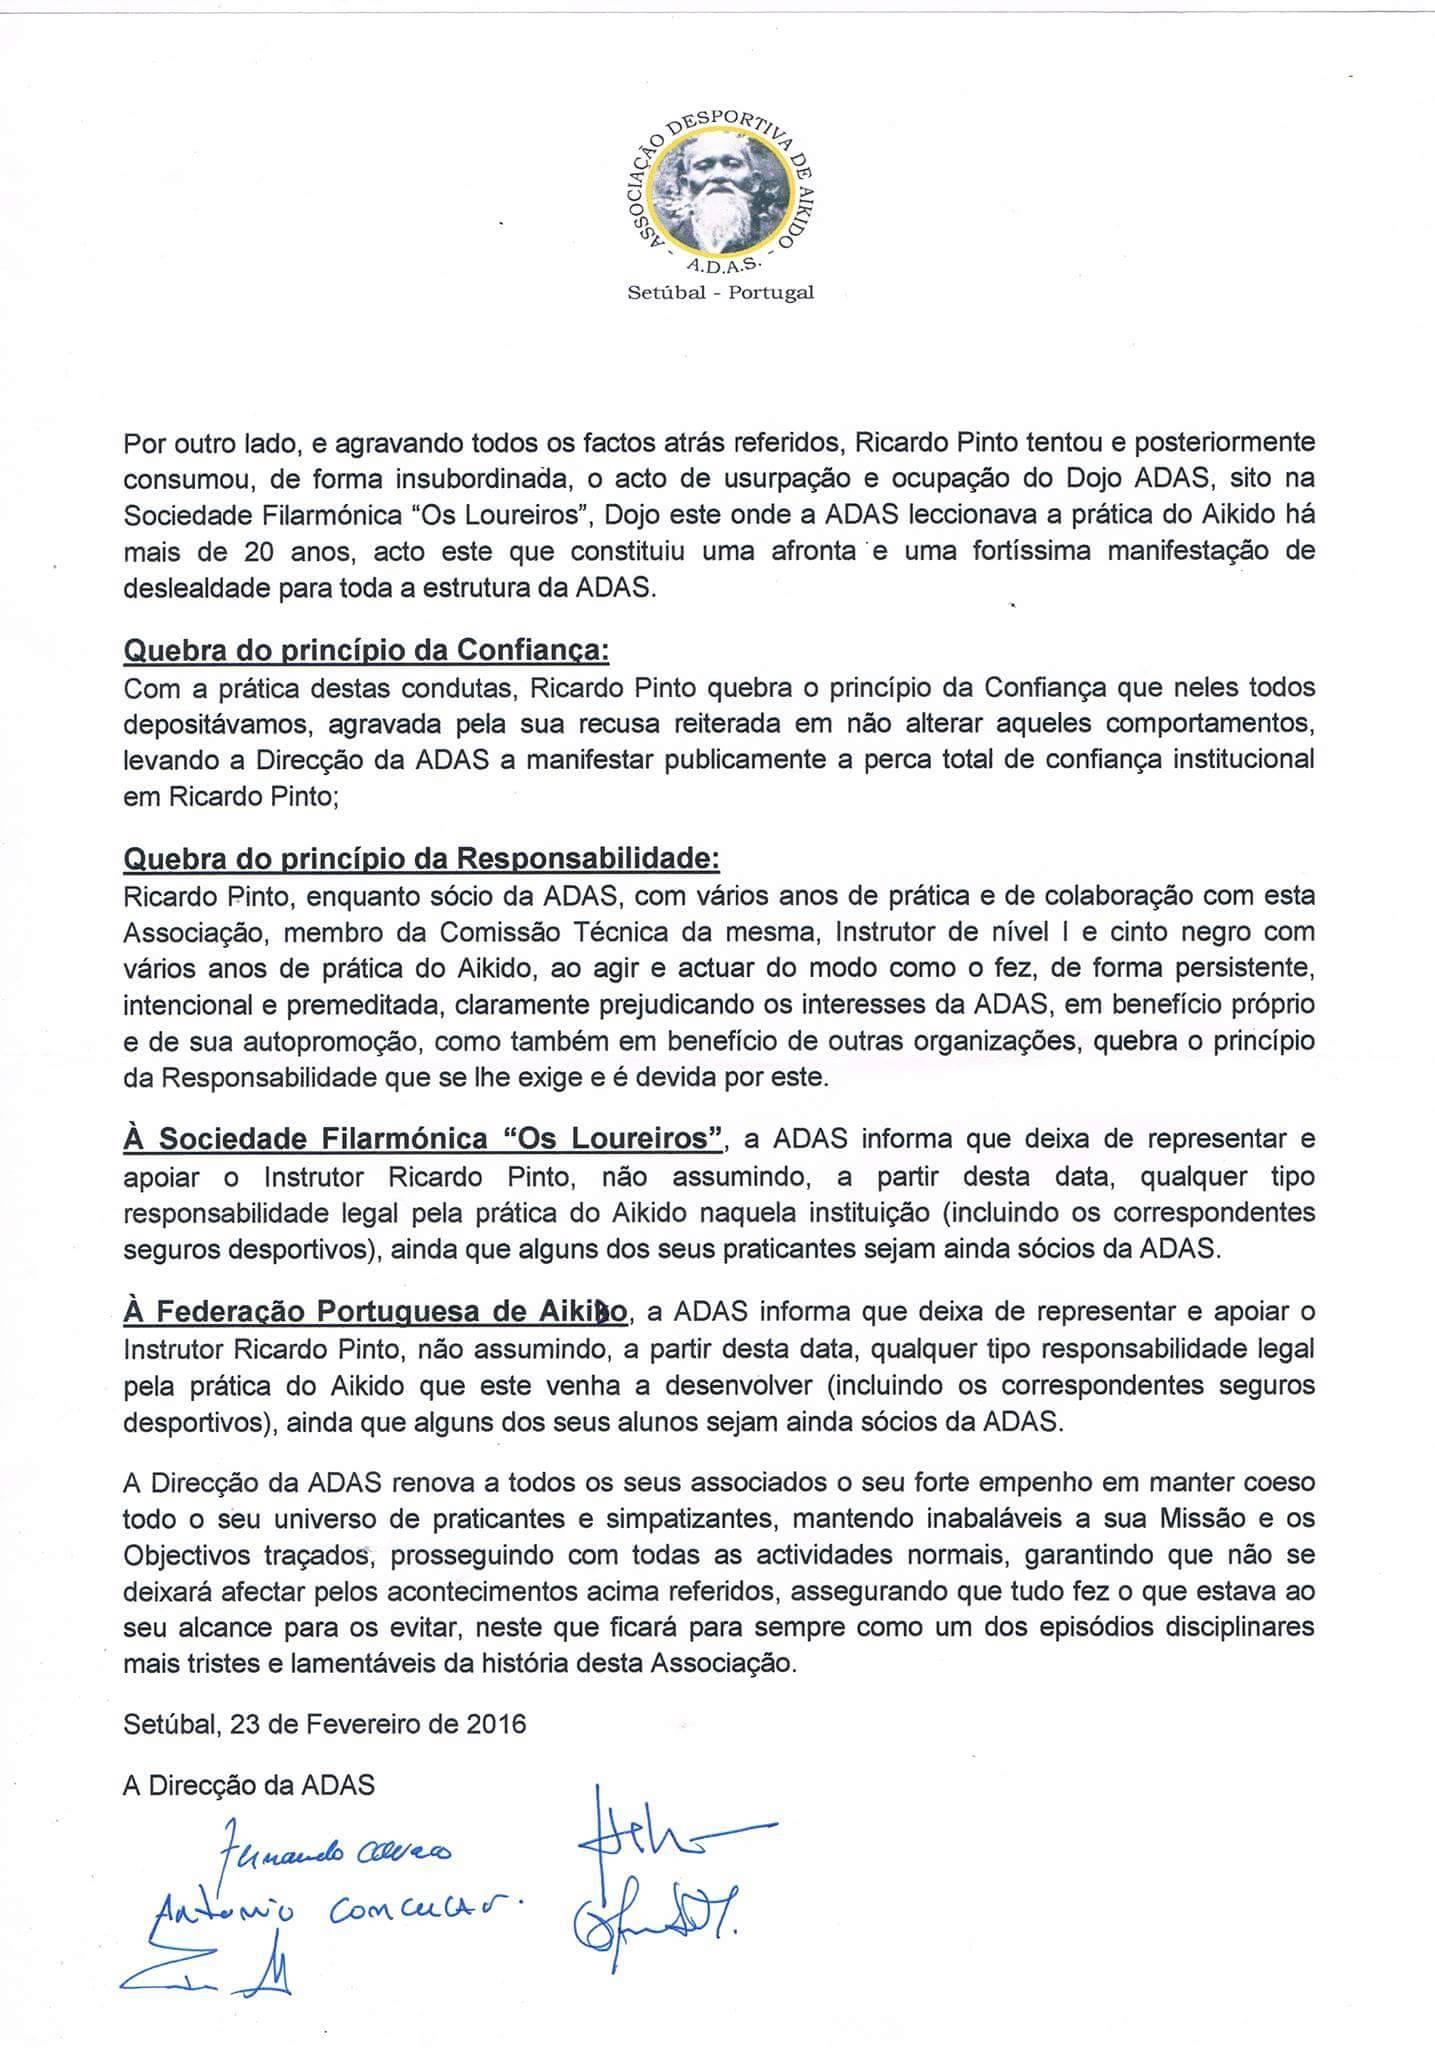 ADAS - Comunicado - 20160223 II